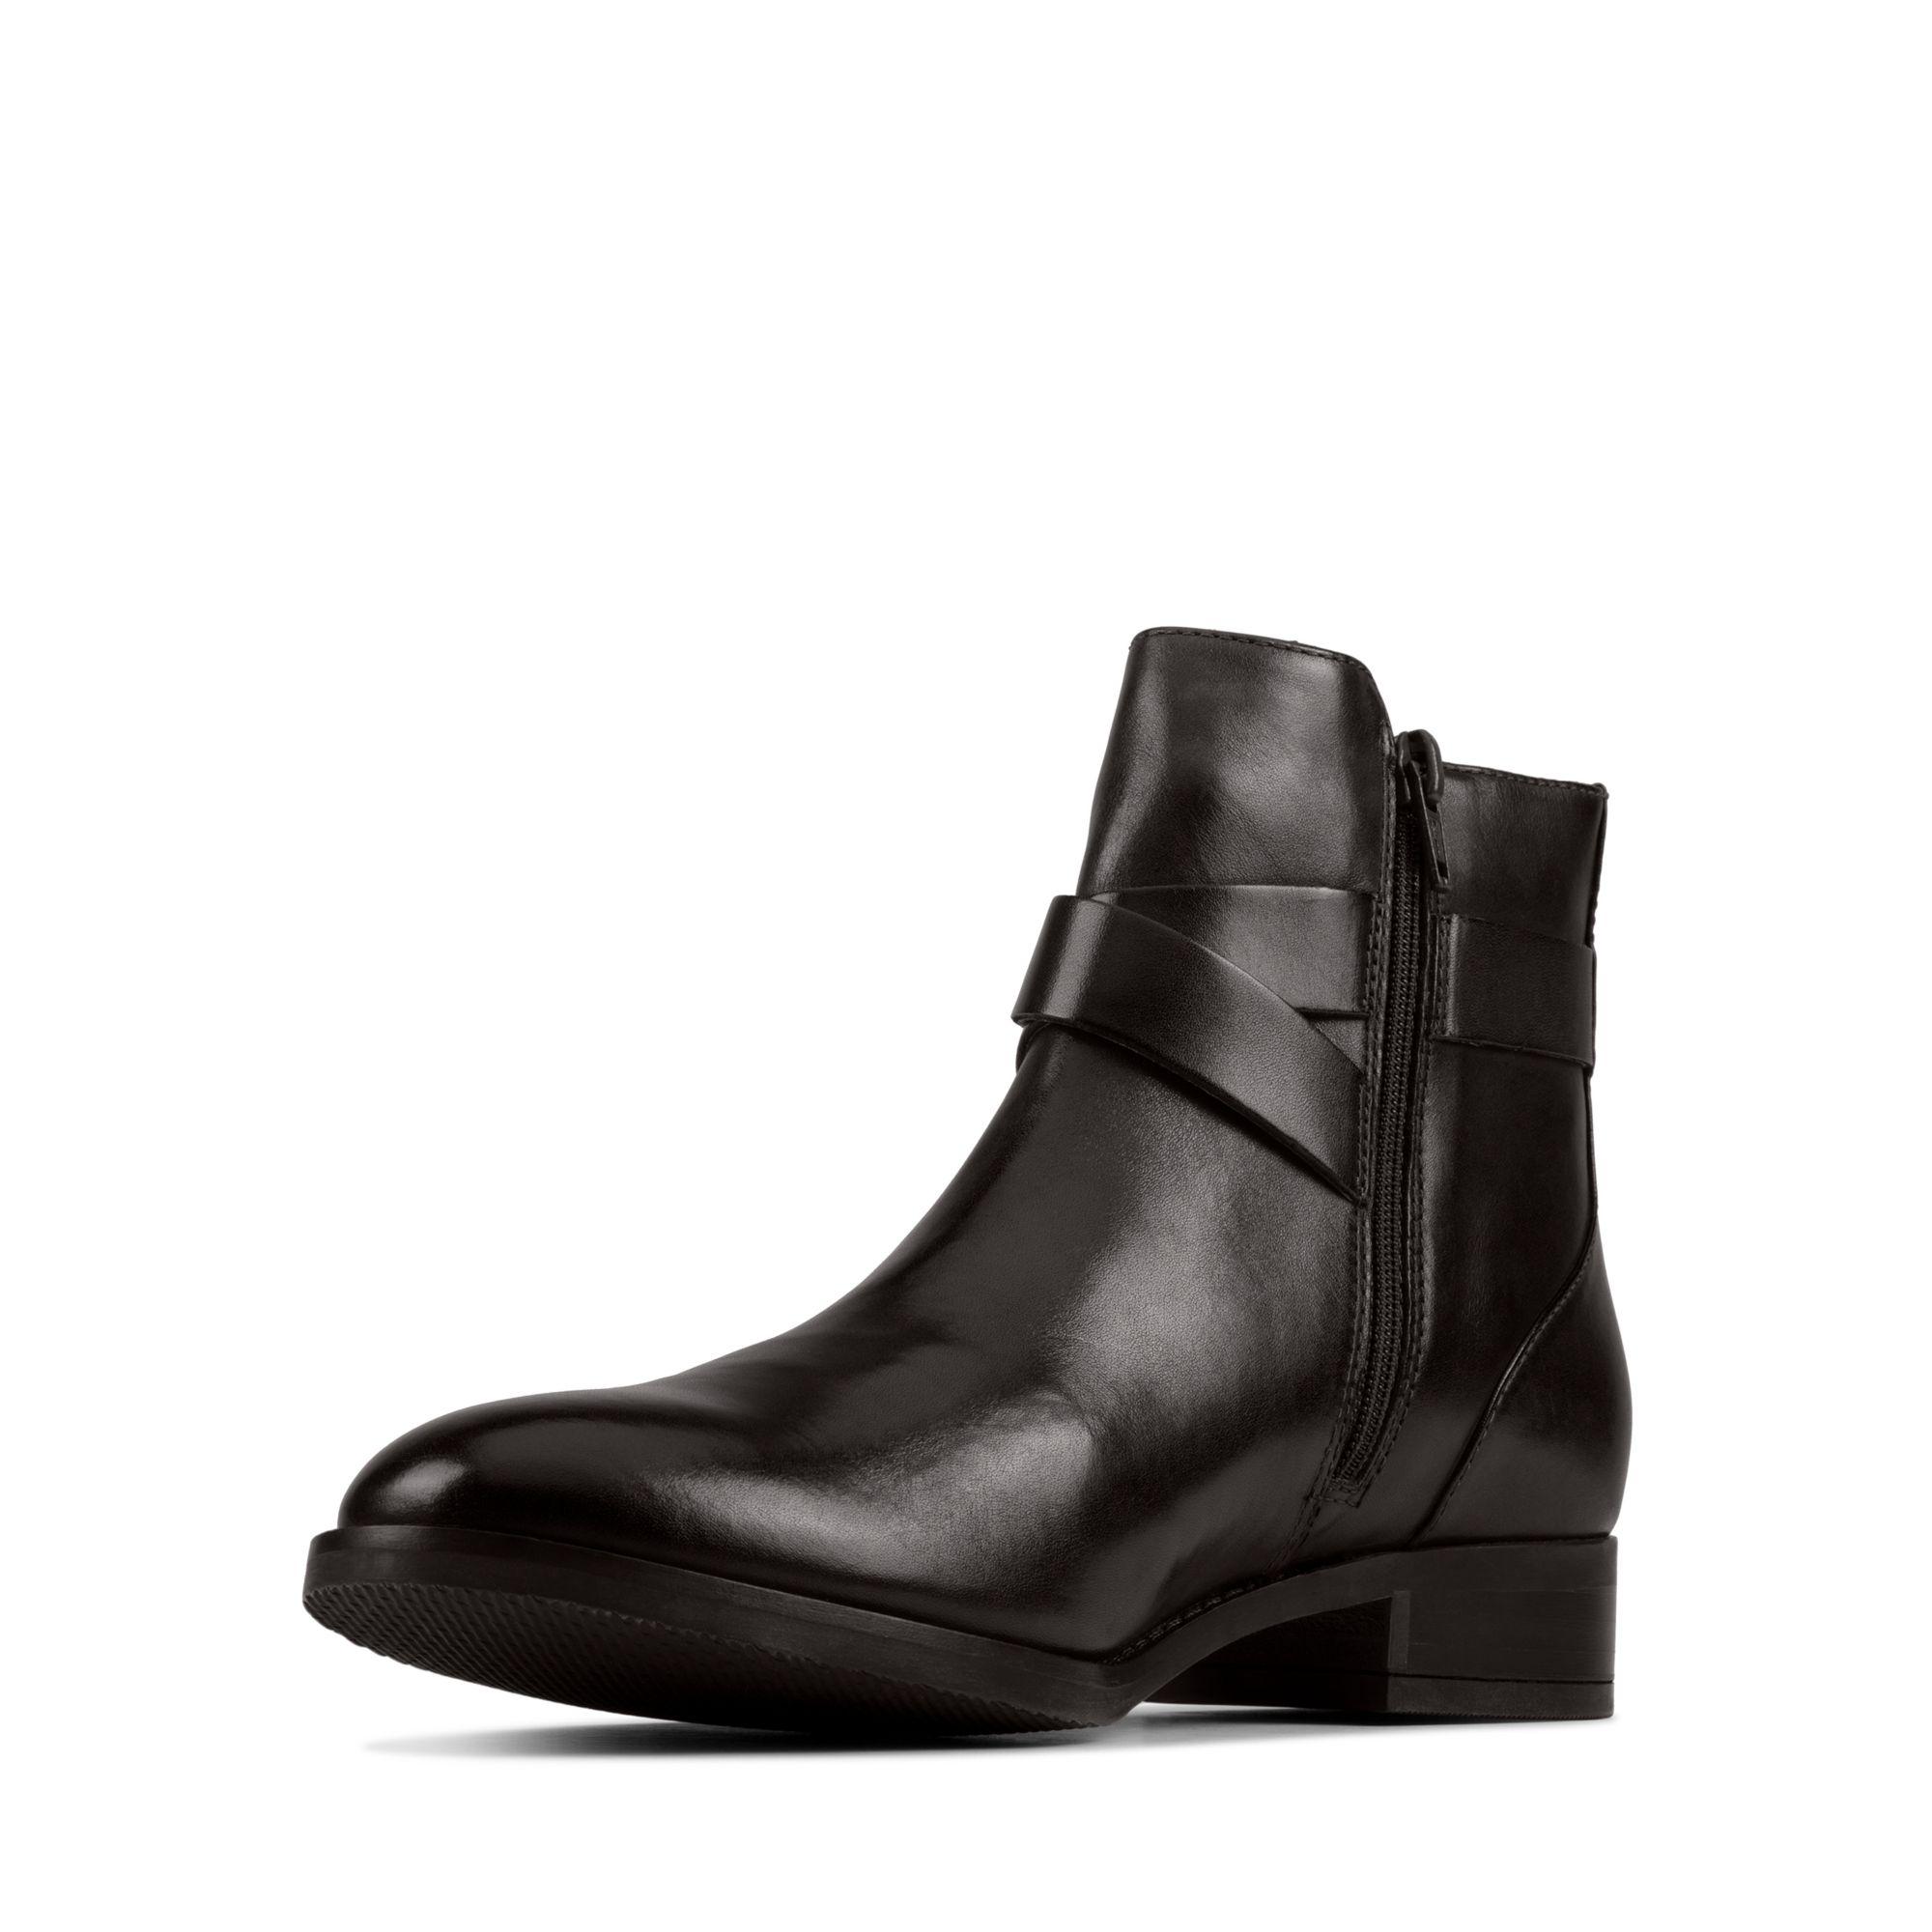 Дамски боти Clarks Hamble Buckle Black Leather - снимка 4